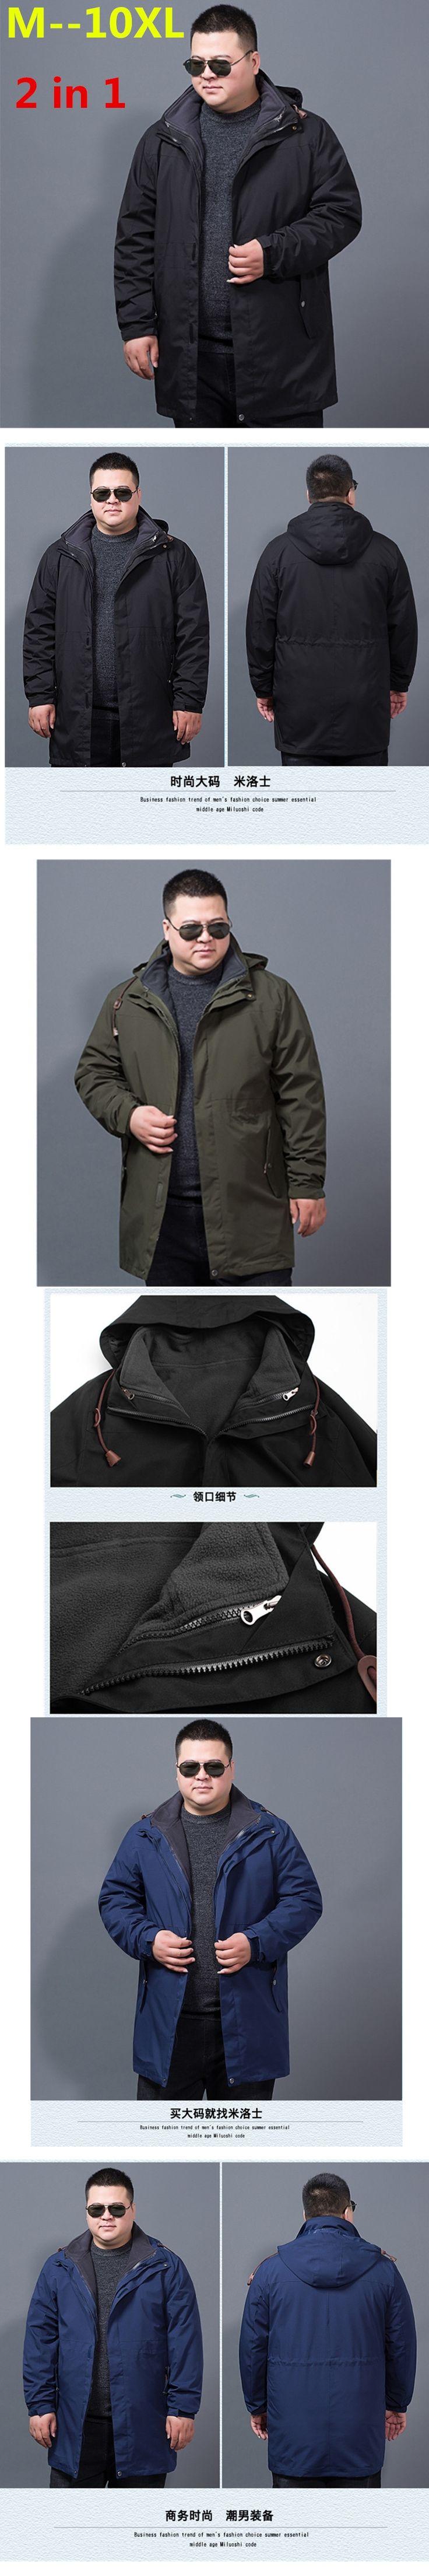 new  plus size  8XL 6XL 5XL 4XL winter jacket men 2 in 1 parka jacket thicken warm windproof waterproof parka men hooded coat